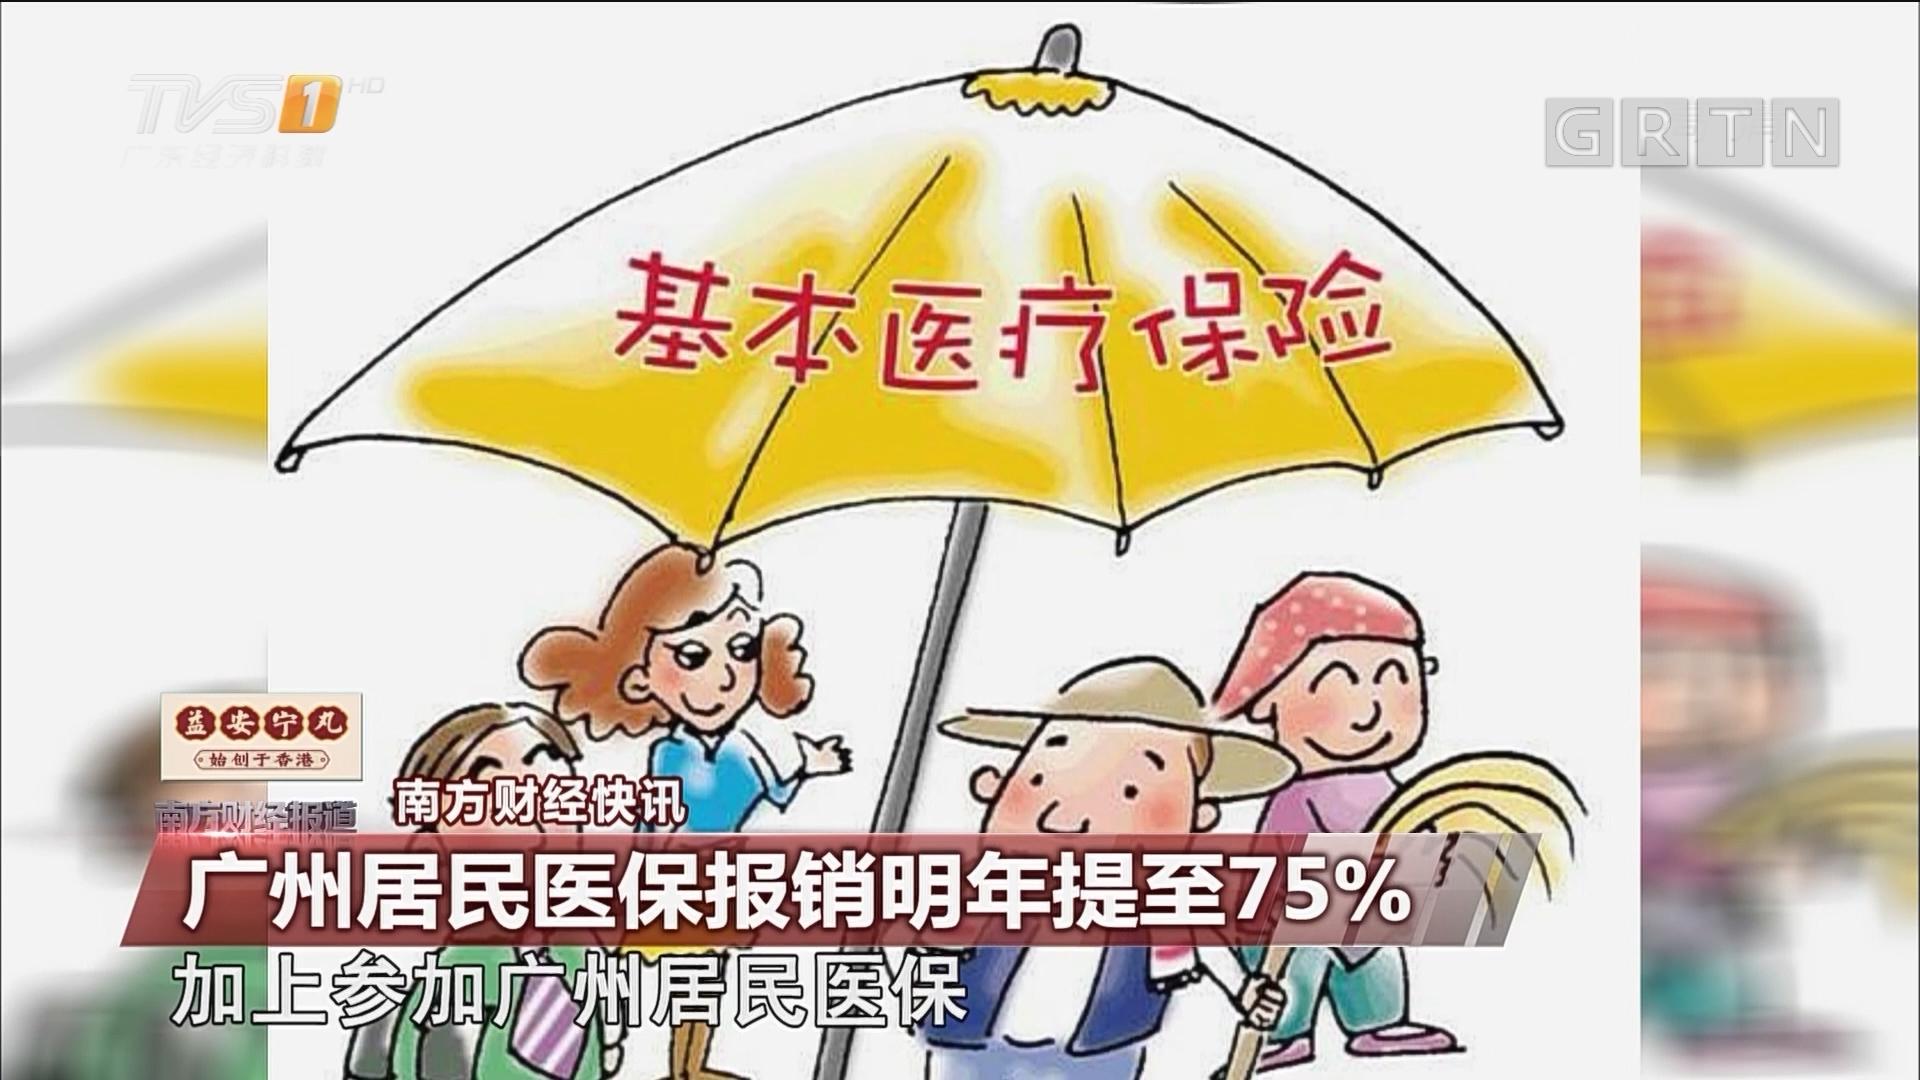 广州居民医保报销明年提至75%